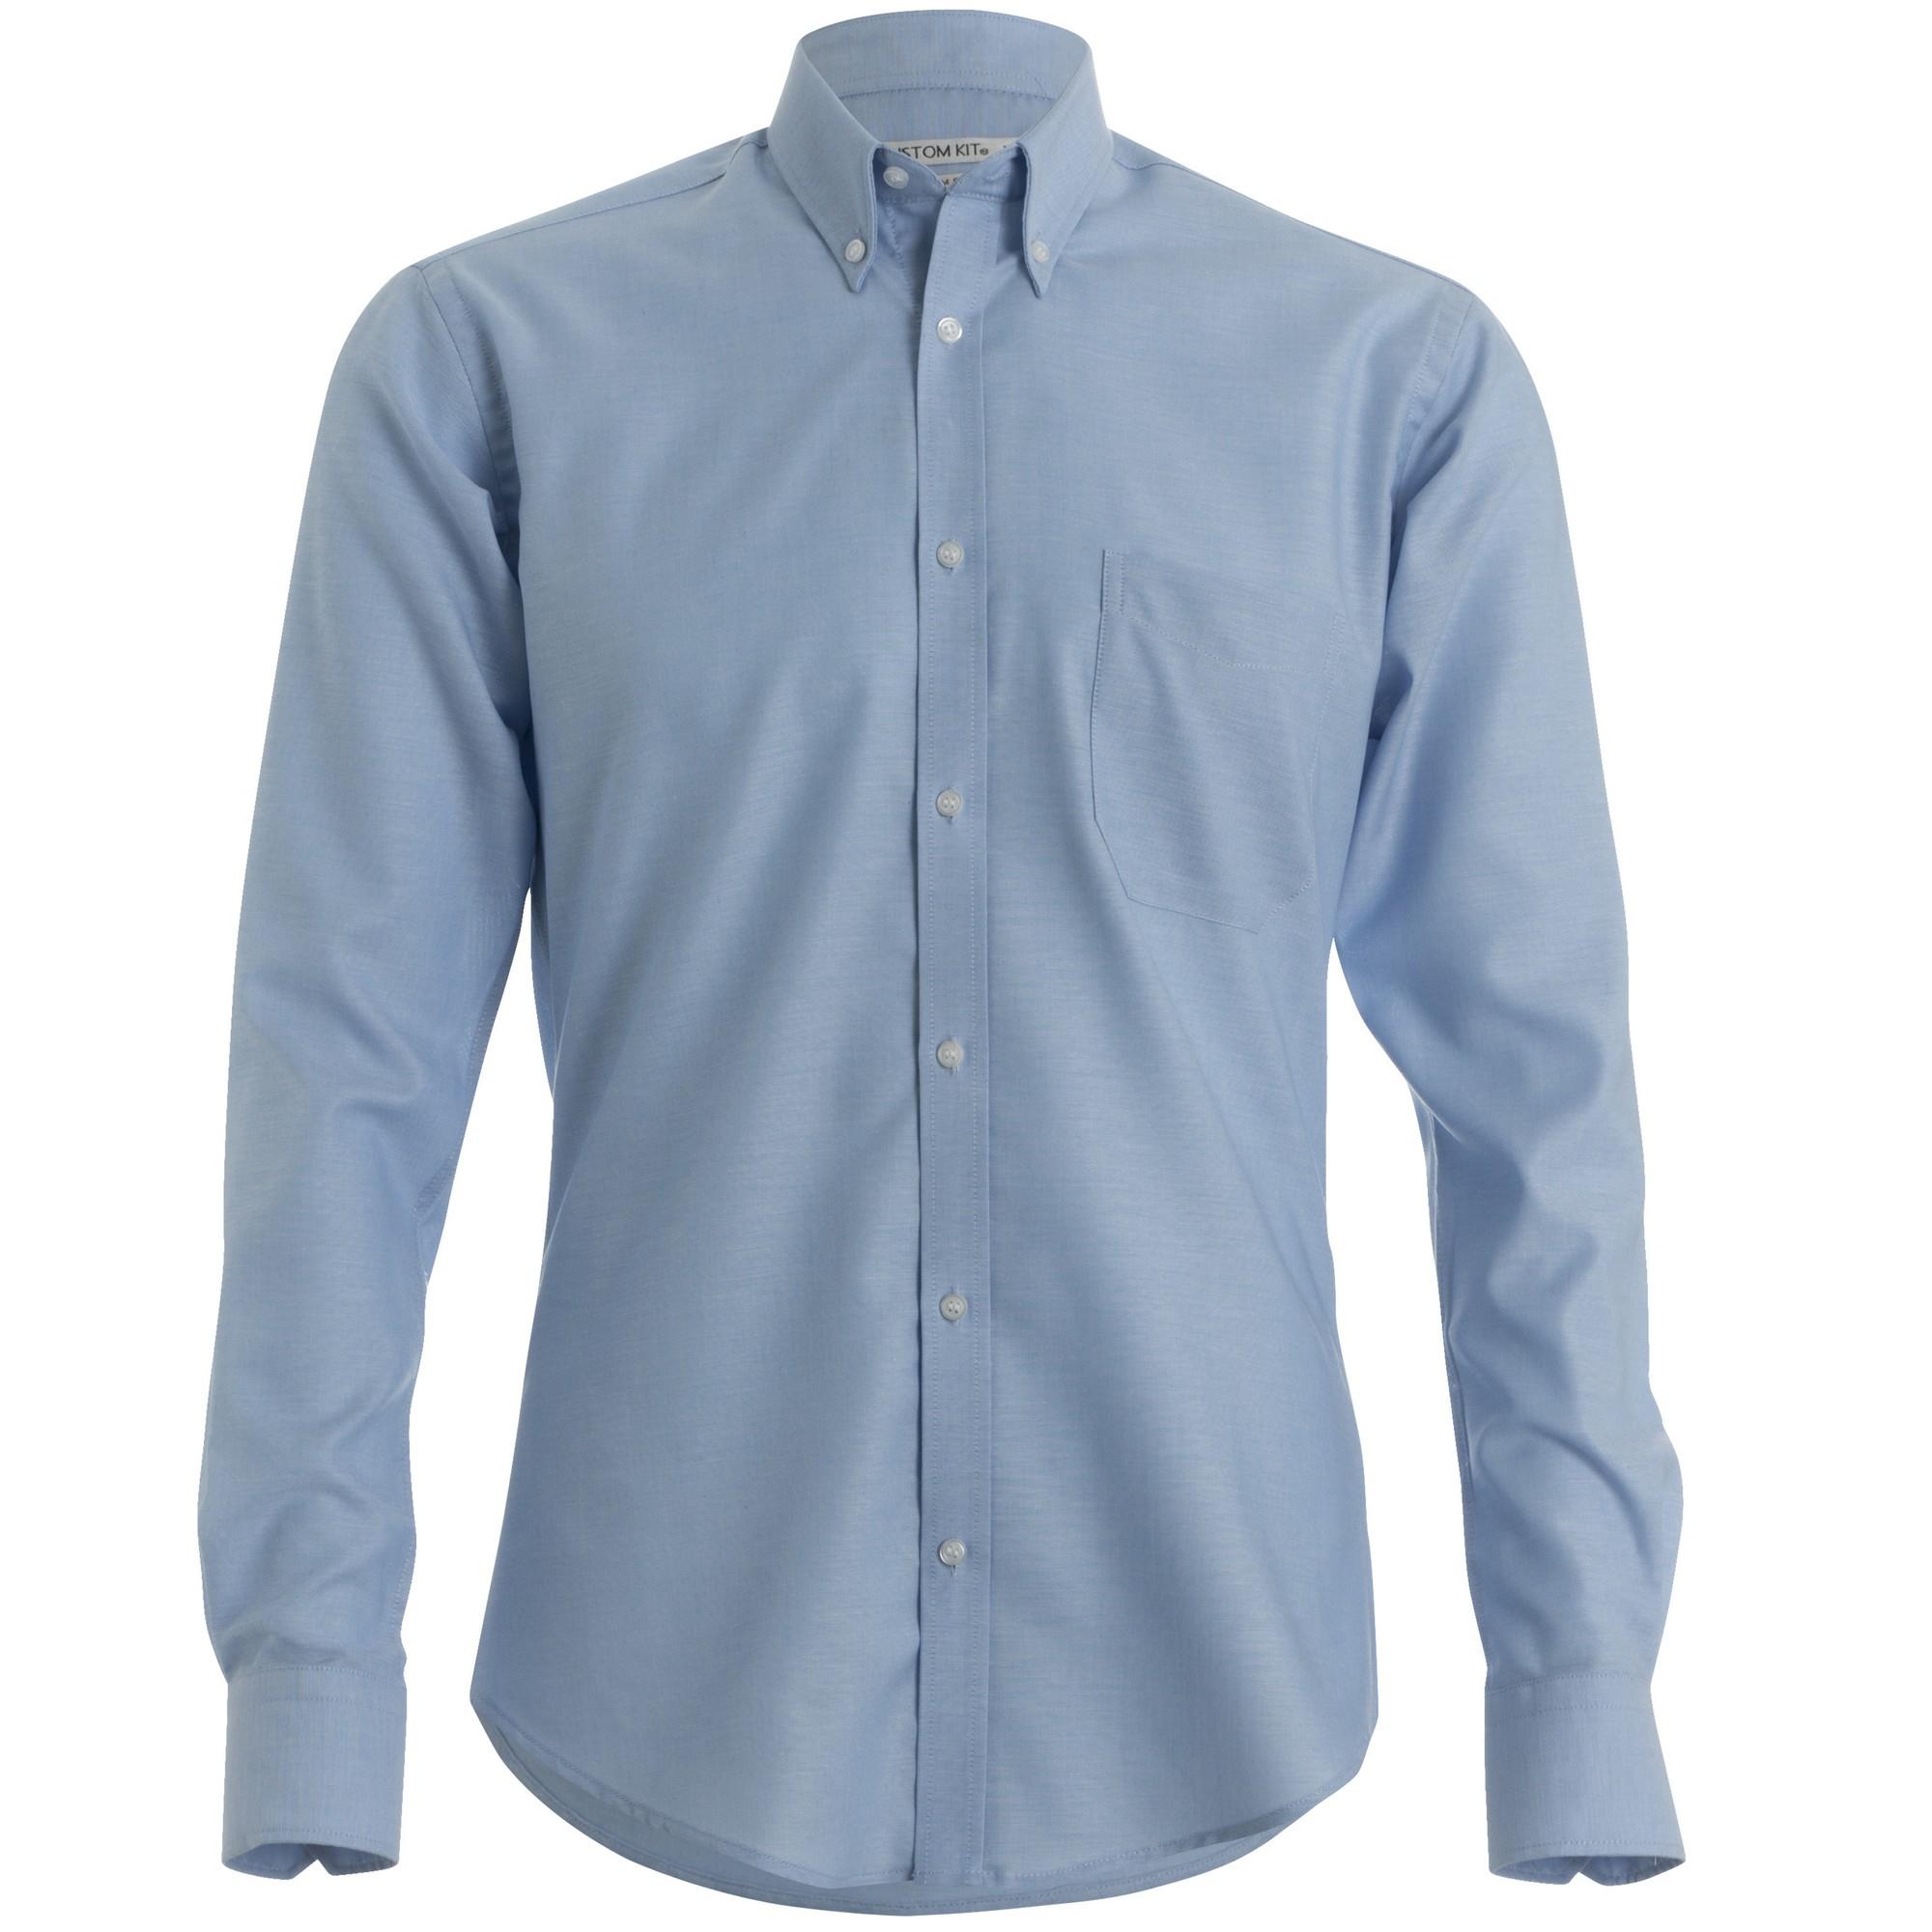 Kustom Kit Mens Slim Fit Long Sleeved Oxford Work Shirt (15.5) (Light Blue)